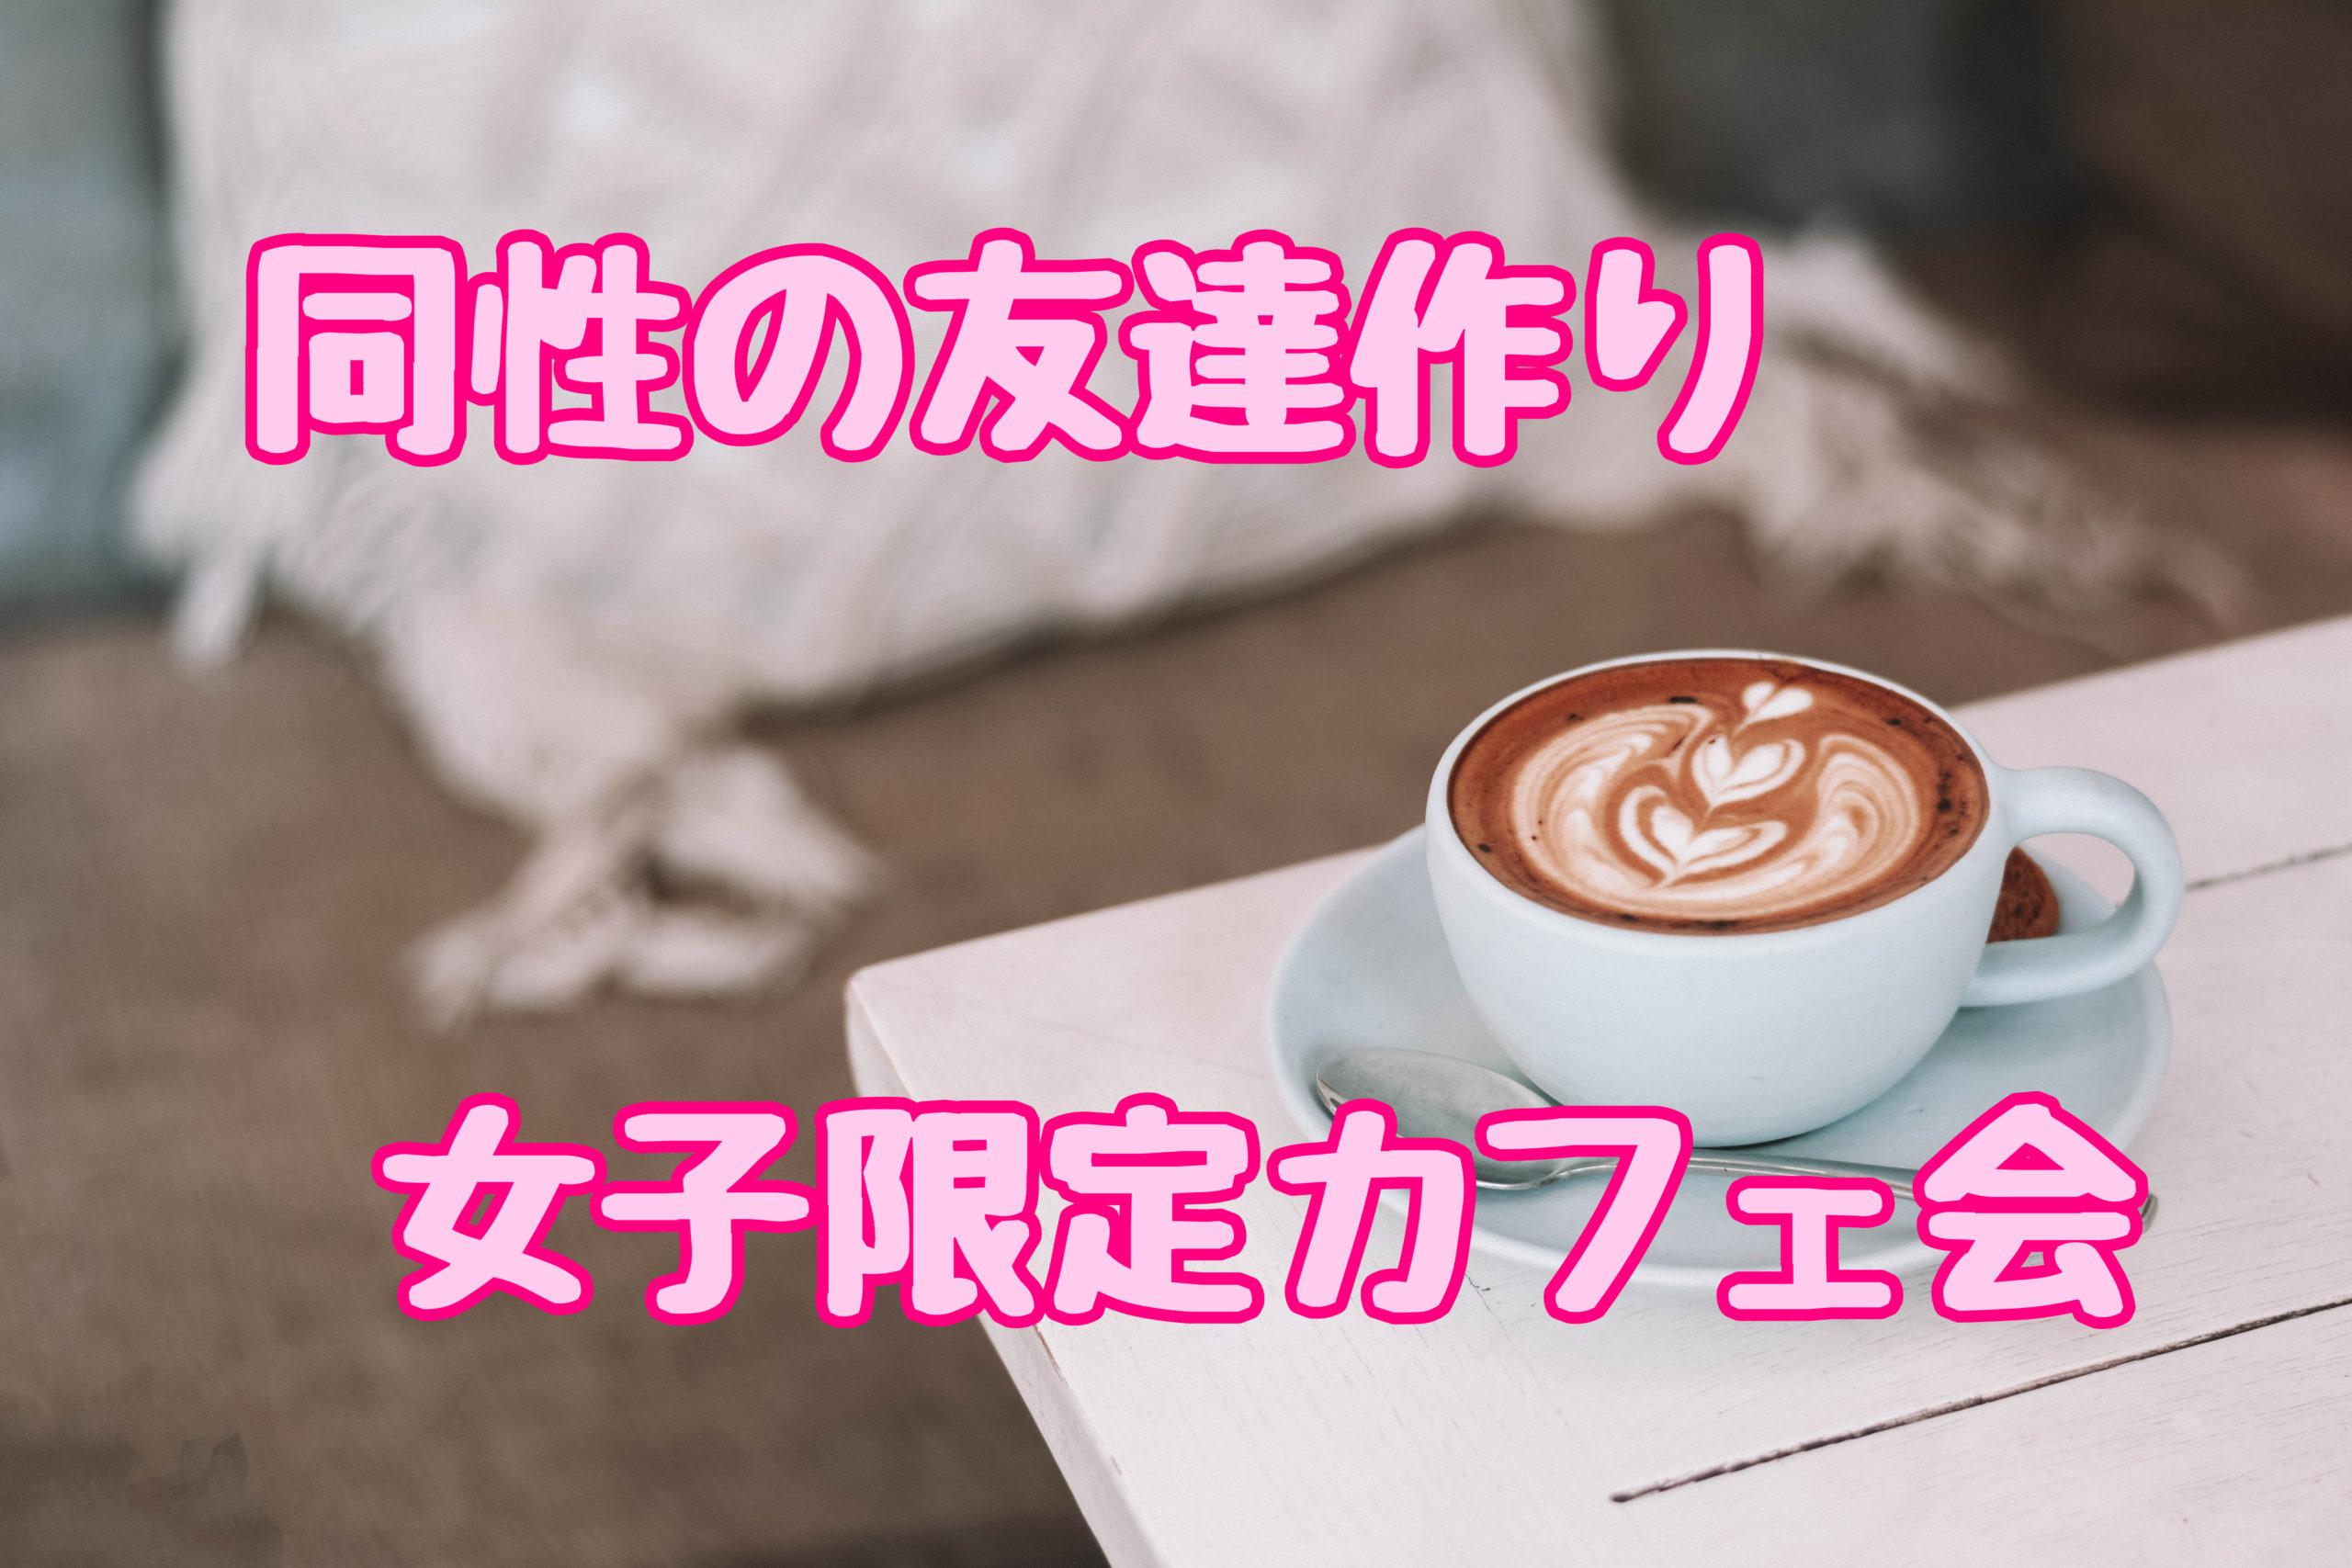 福岡友達交流会laraカフェ会